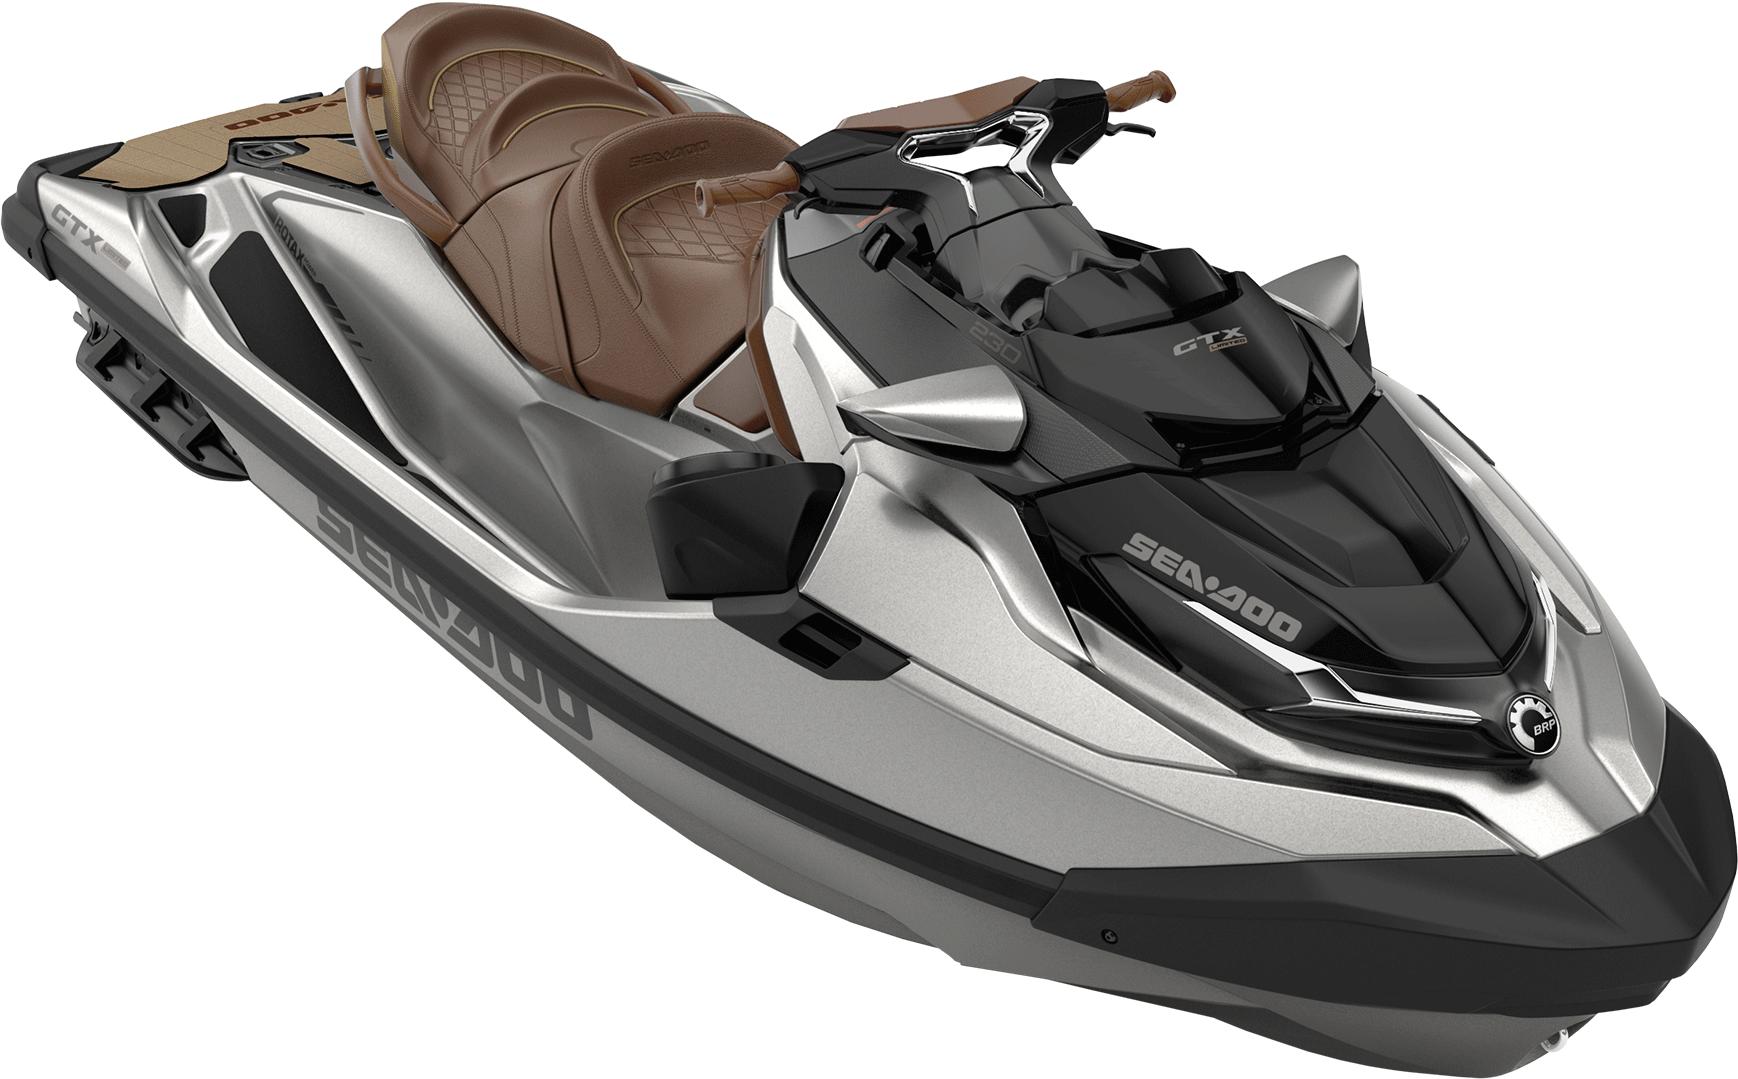 Grey Jet Ski PNG Image Jet ski, Seadoo, Seadoo jetski